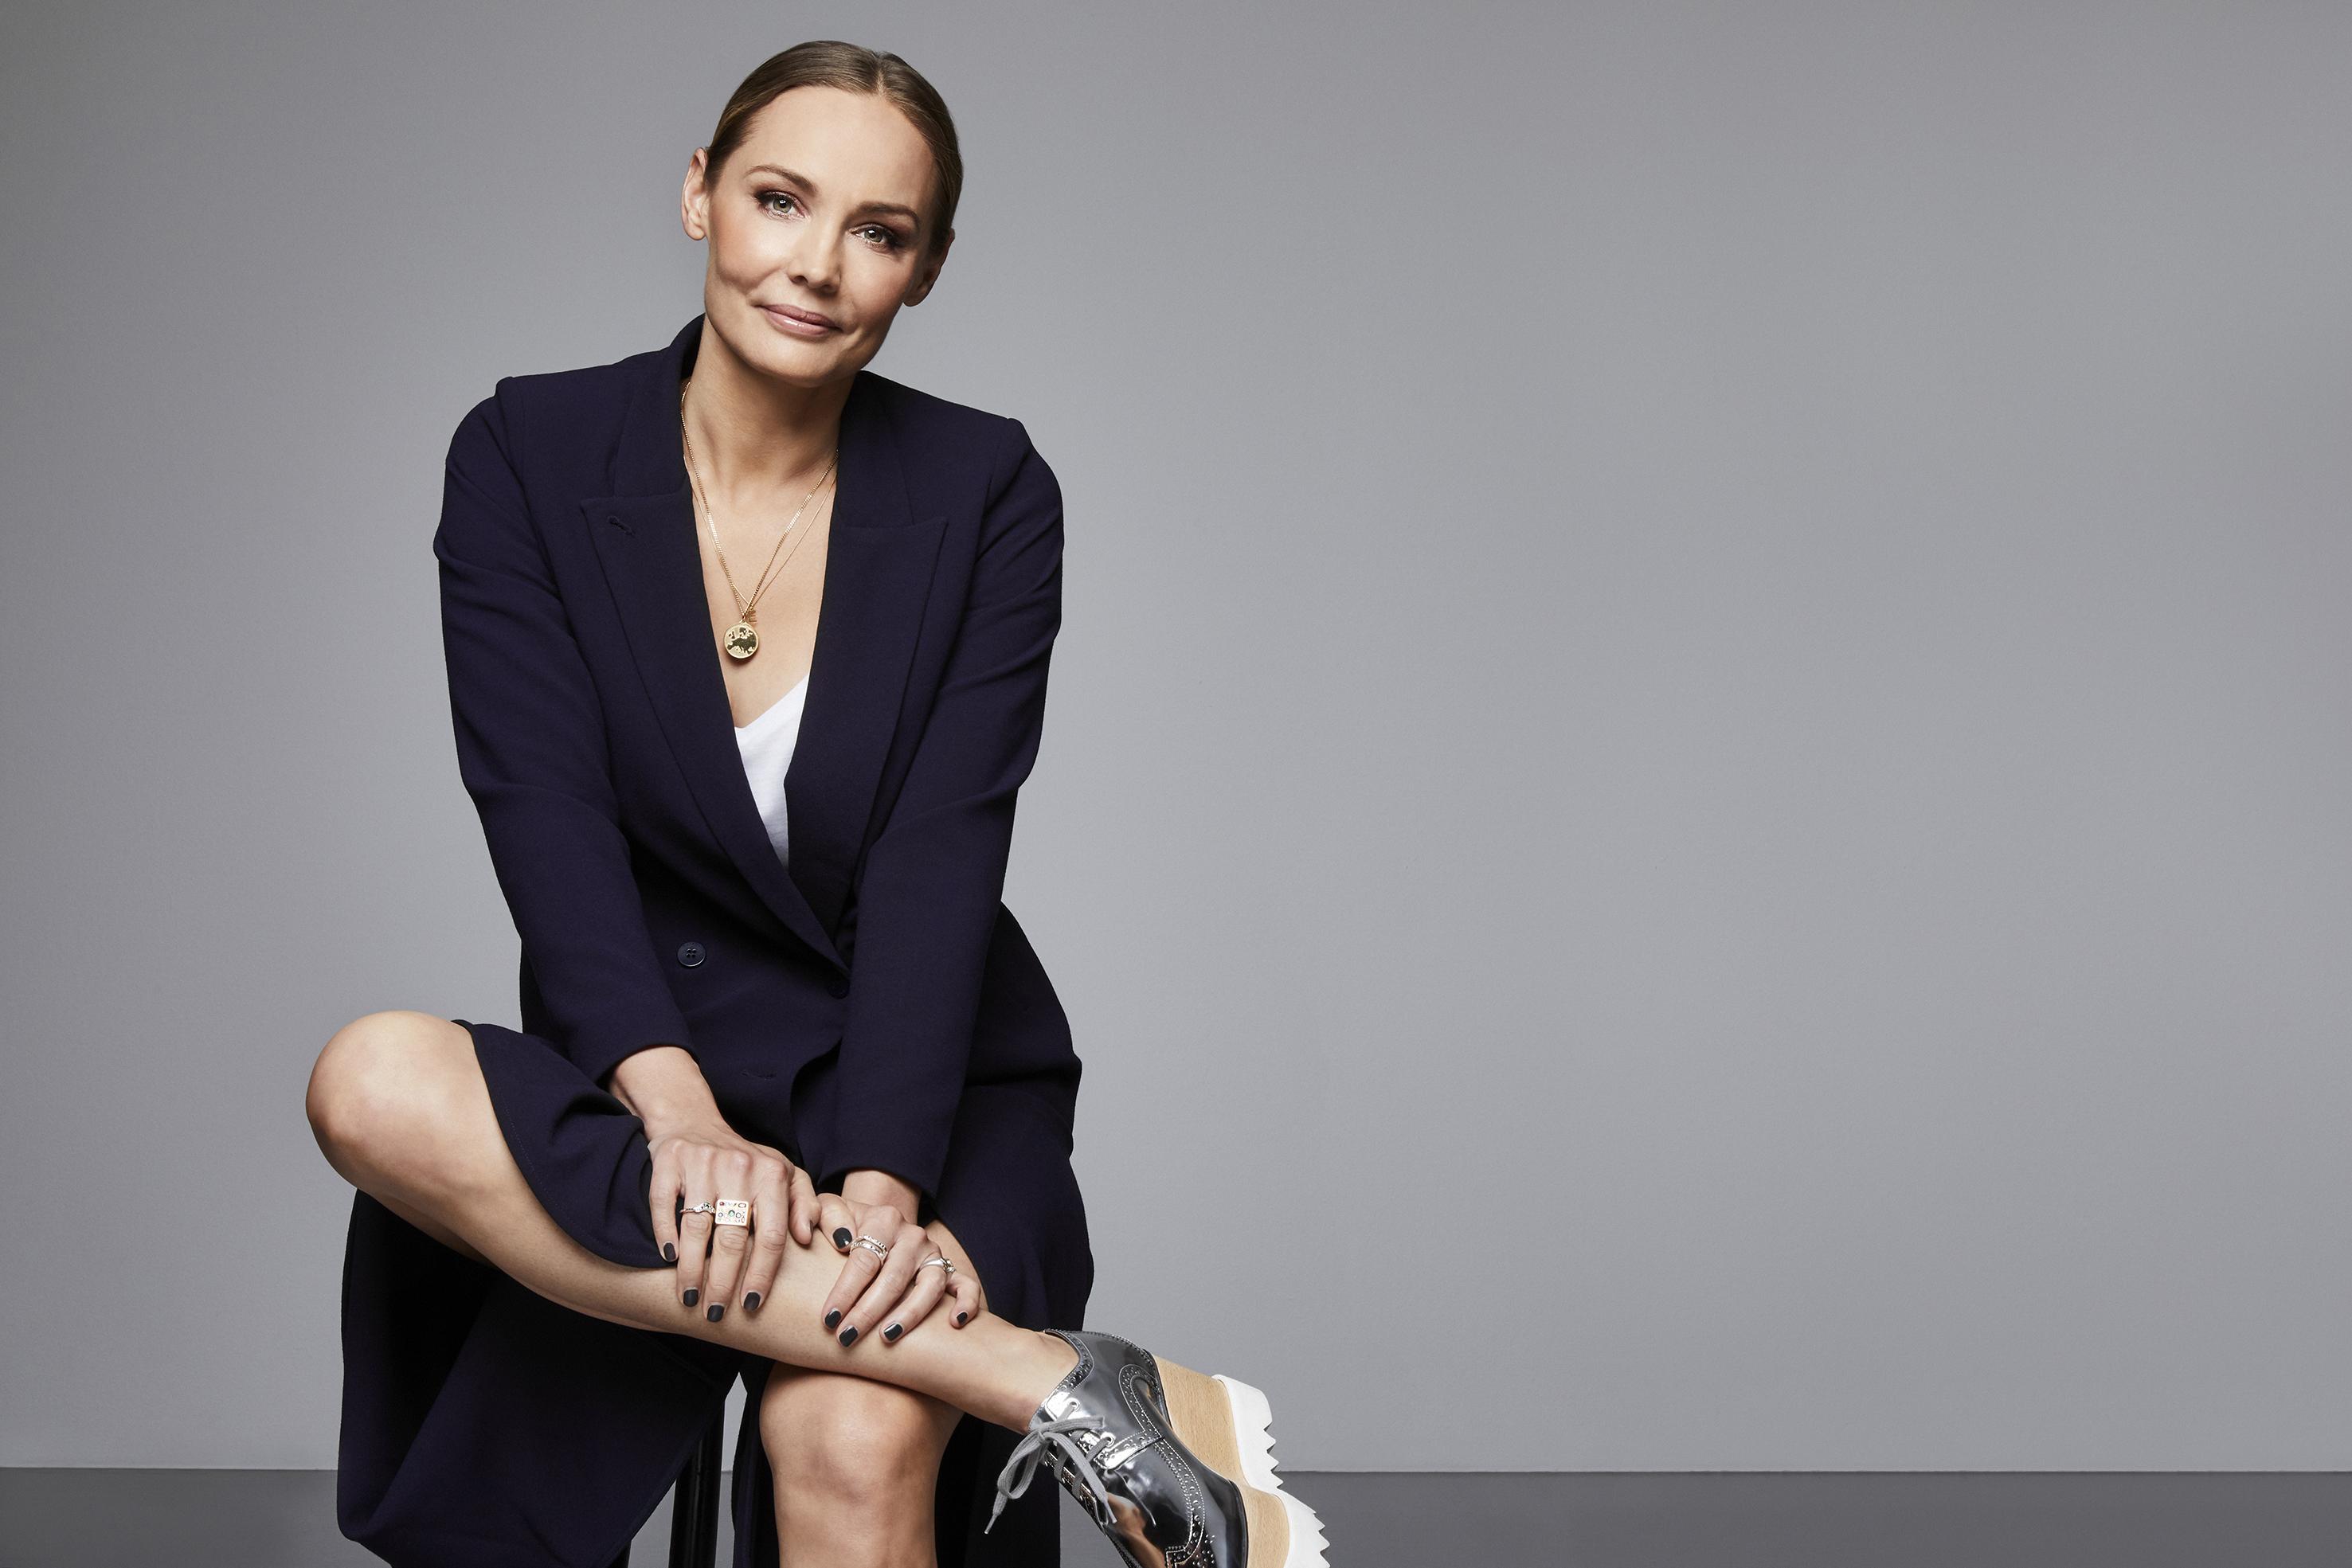 Carina Berg leder Barncancergalan - Det svenska humorpriset som sänds direkt i Kanal 5 den 1 oktober. Foto: Magnus Ragnvid/Kanal 5